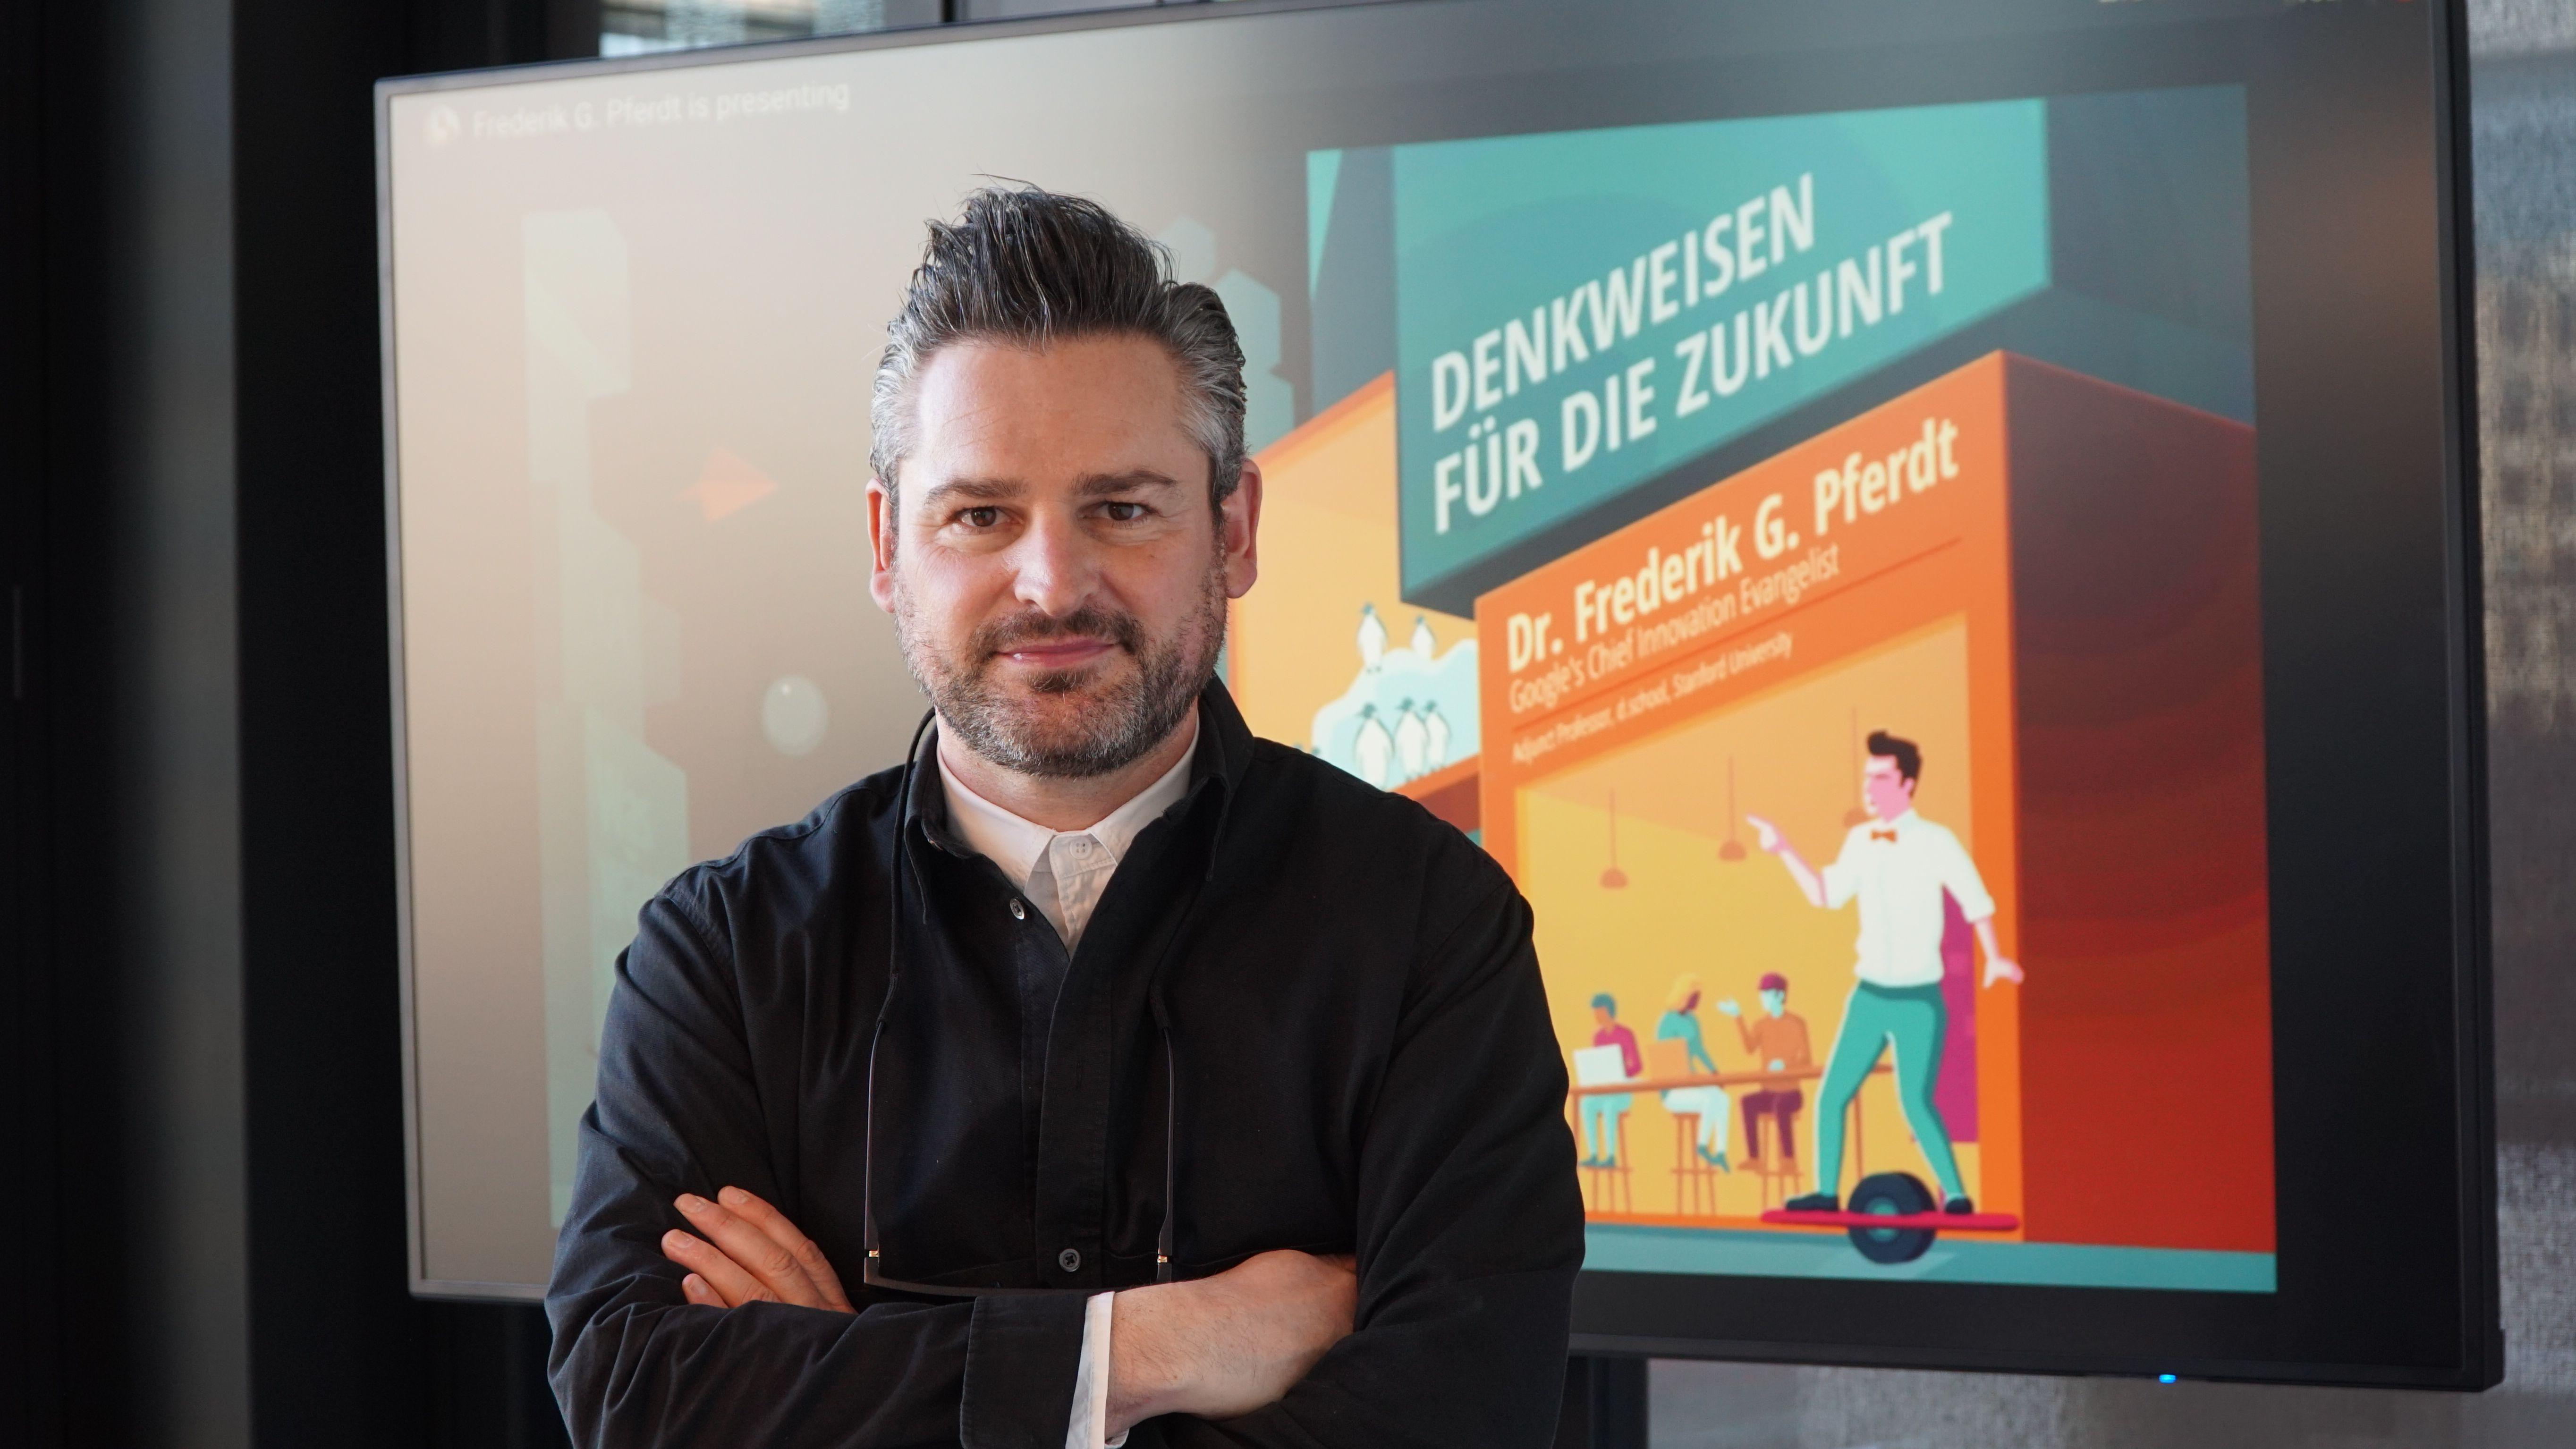 """""""Future of Work"""": Denkweisen der Zukunft von Google's Chief Innovation Evangelist Dr. Frederik G. Pferdt"""